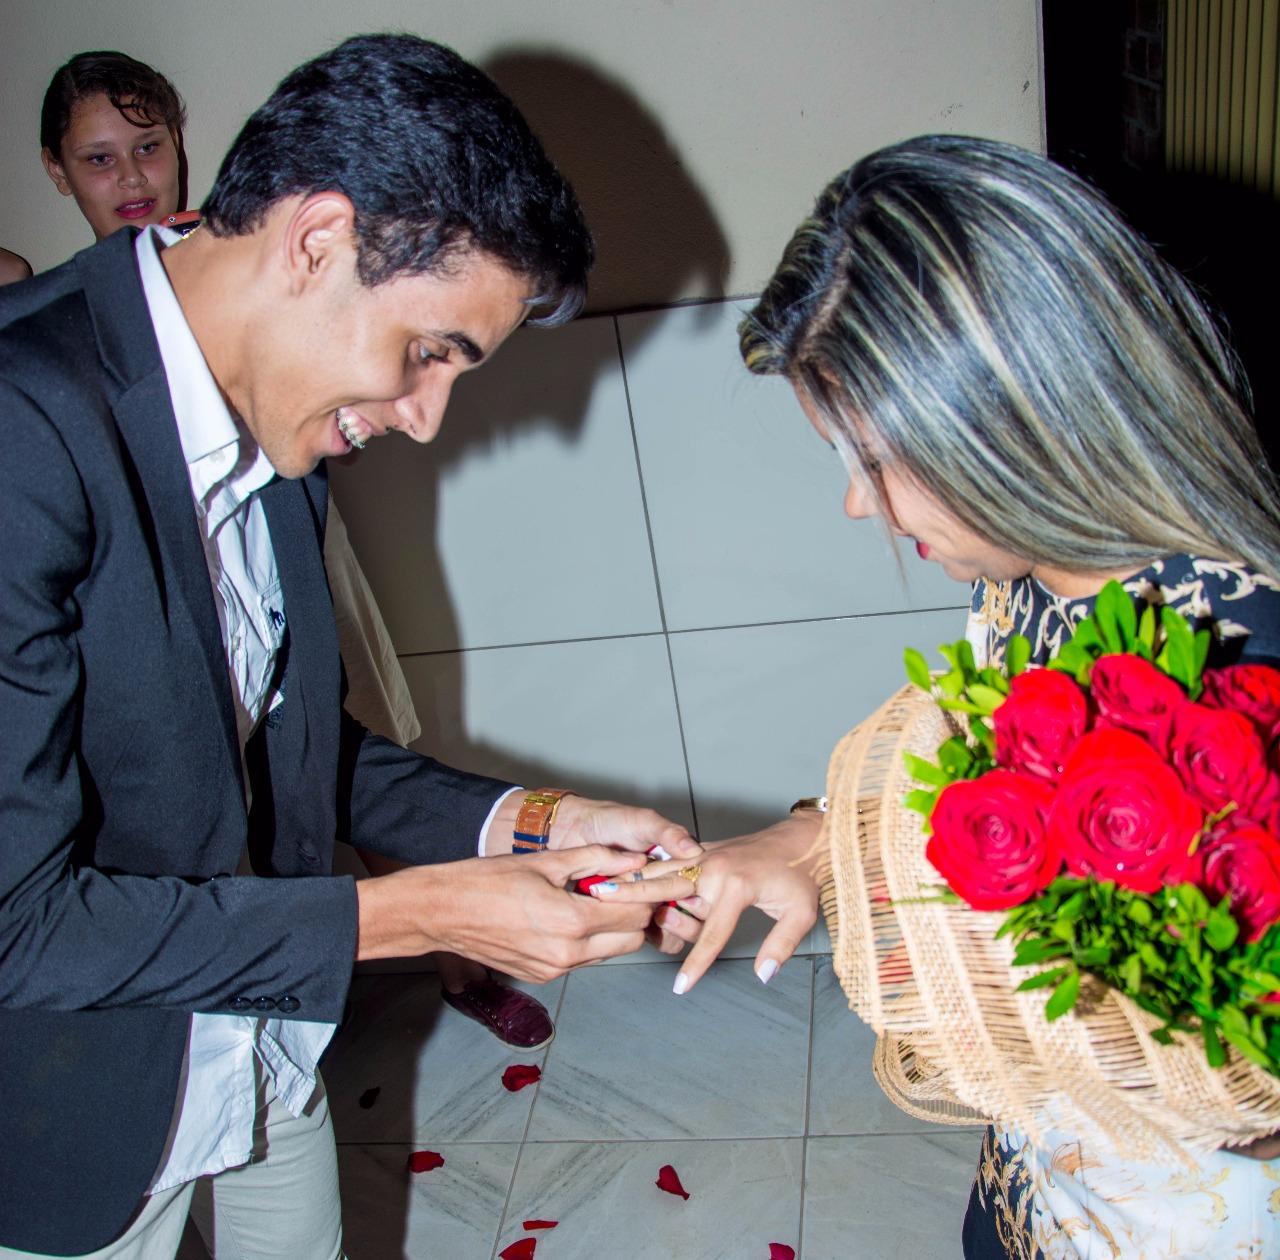 troca de alianças após pedido de casamento sonho